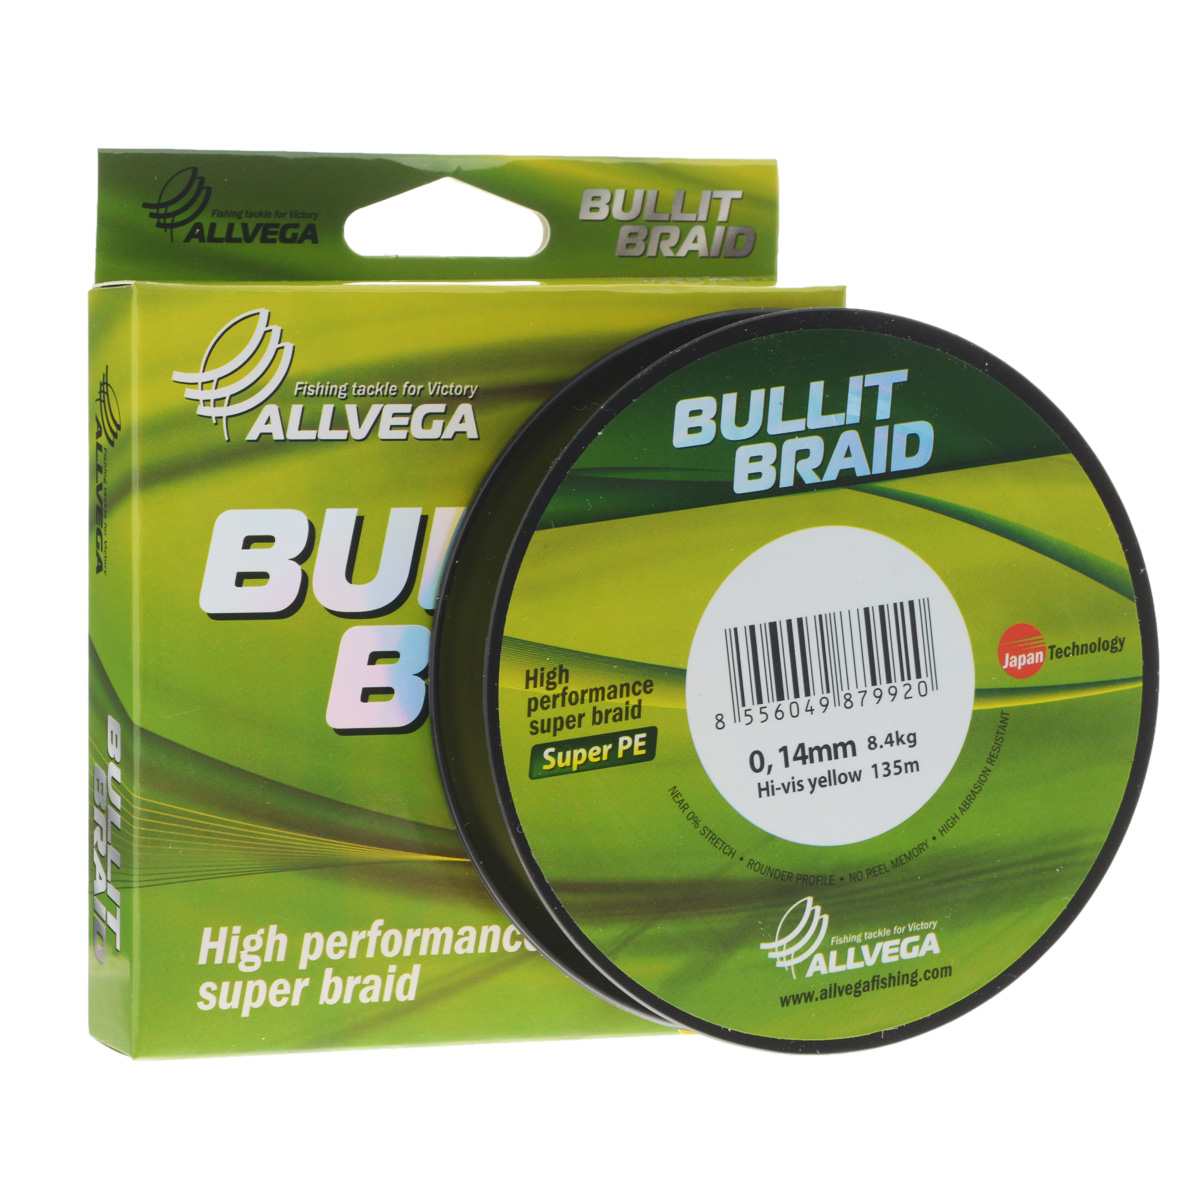 Леска плетеная Allvega Bullit Braid, цвет: ярко-желтый, 135 м, 0,14 мм, 8,4 кг39960Леска Allvega Bullit Braid с гладкой поверхностью и одинаковым сечением по всей длине обладает высокой износостойкостью. Благодаря микроволокнам полиэтилена (Super PE) леска имеет очень плотное плетение и не впитывает воду. Леску Allvega Bullit Braid можно применять в любых типах водоемов. Особенности:повышенная износостойкость;высокая чувствительность - коэффициент растяжения близок к нулю;отсутствует память; идеально гладкая поверхность позволяет увеличить дальность забросов; высокая прочность шнура на узлах.